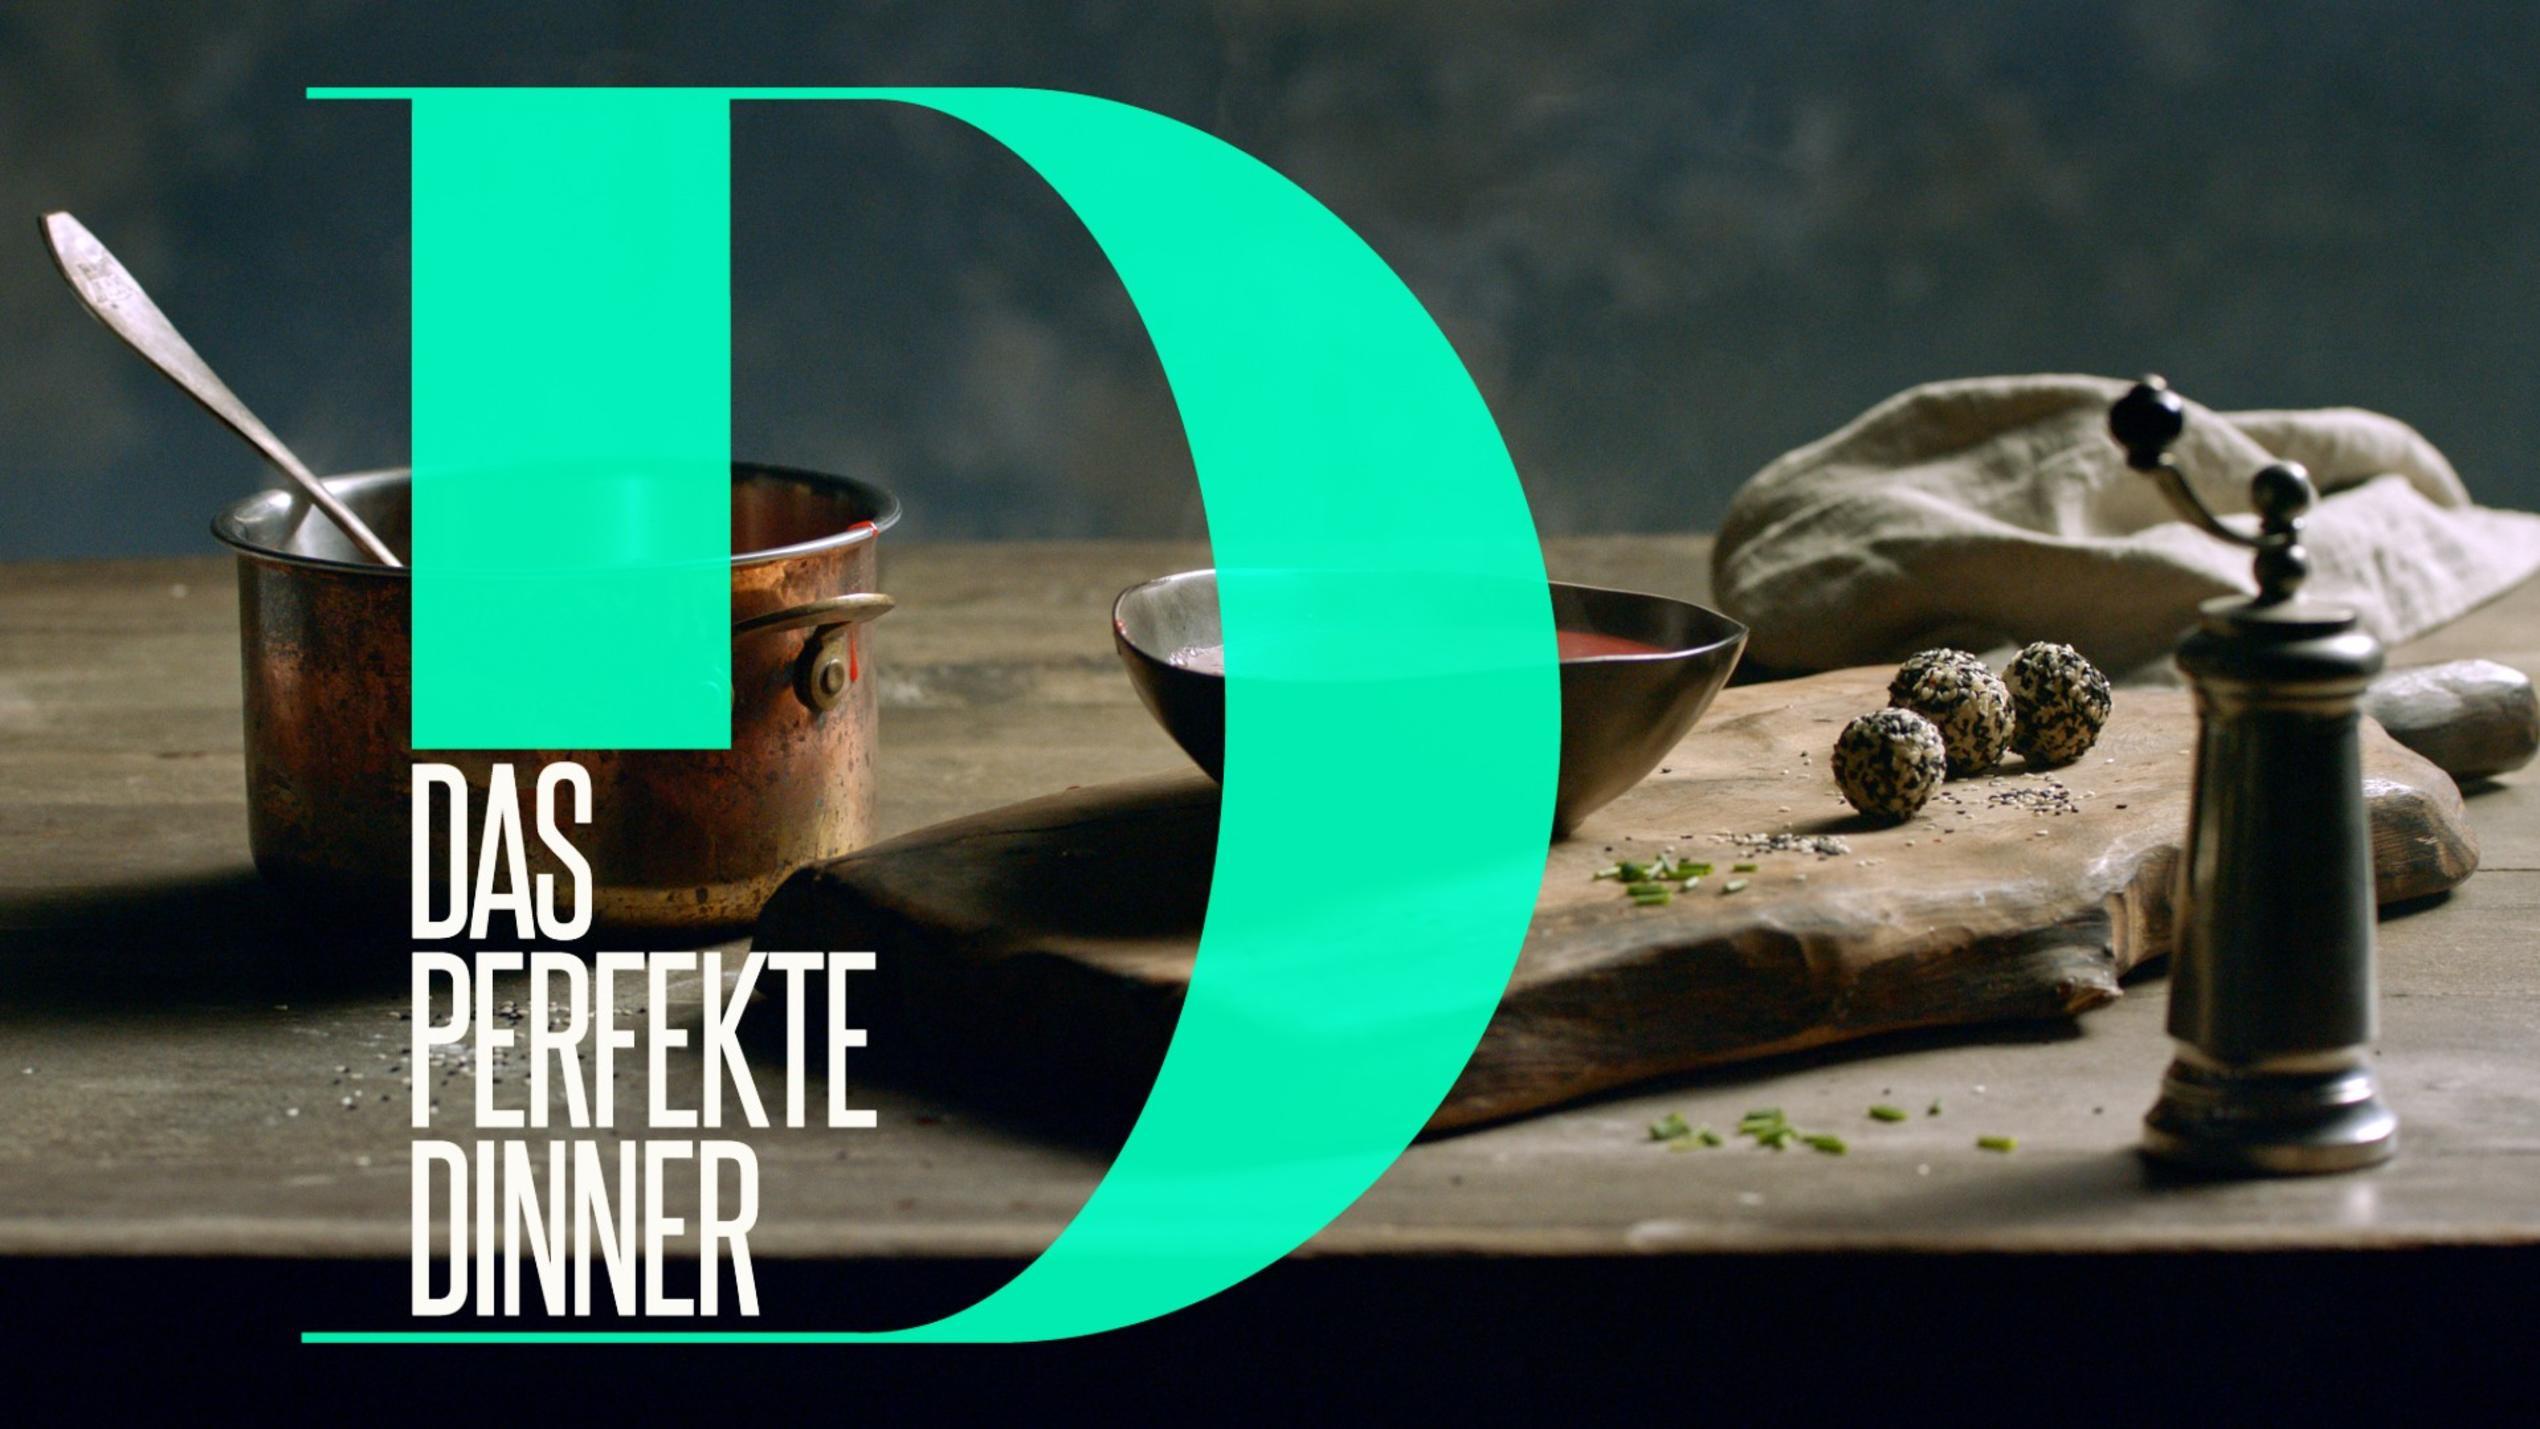 Das Perfekte Dinner Bei Tv Now Den Vox Live Stream Und Ganze Folgen Online Sehen